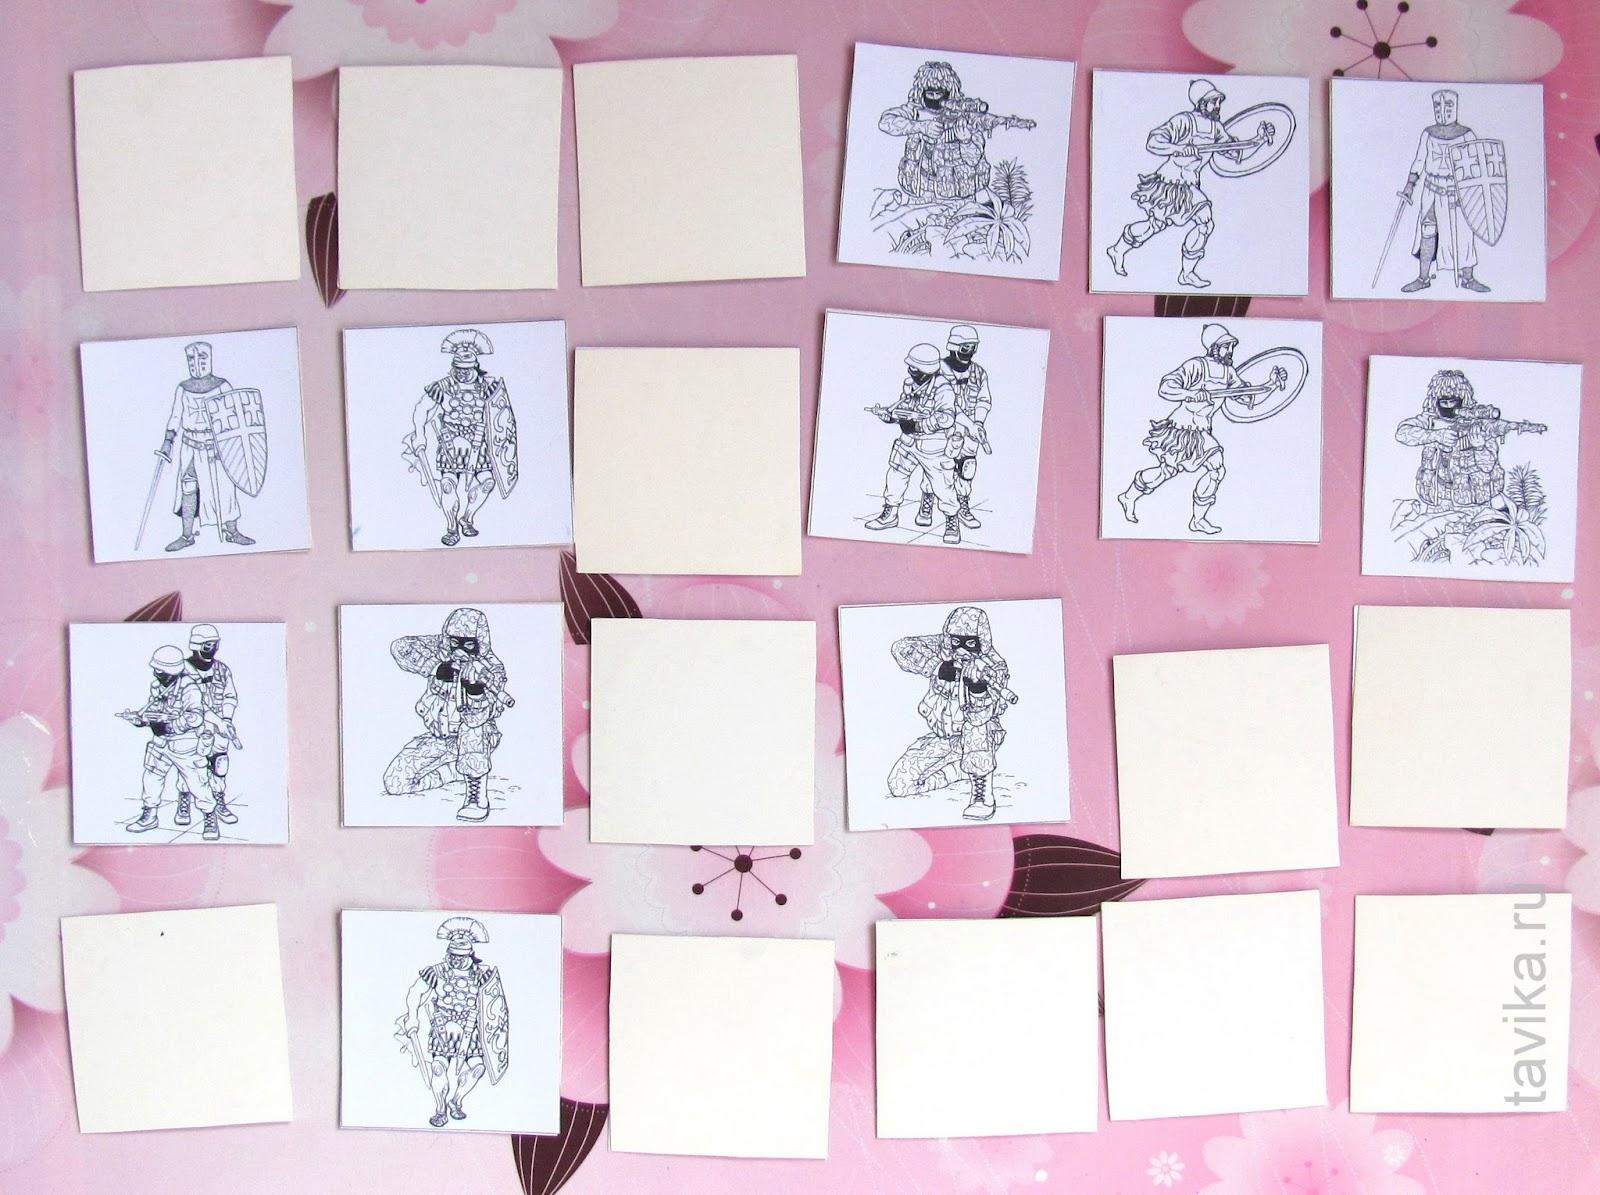 Самодельные карточки для игры мемори с солдатами